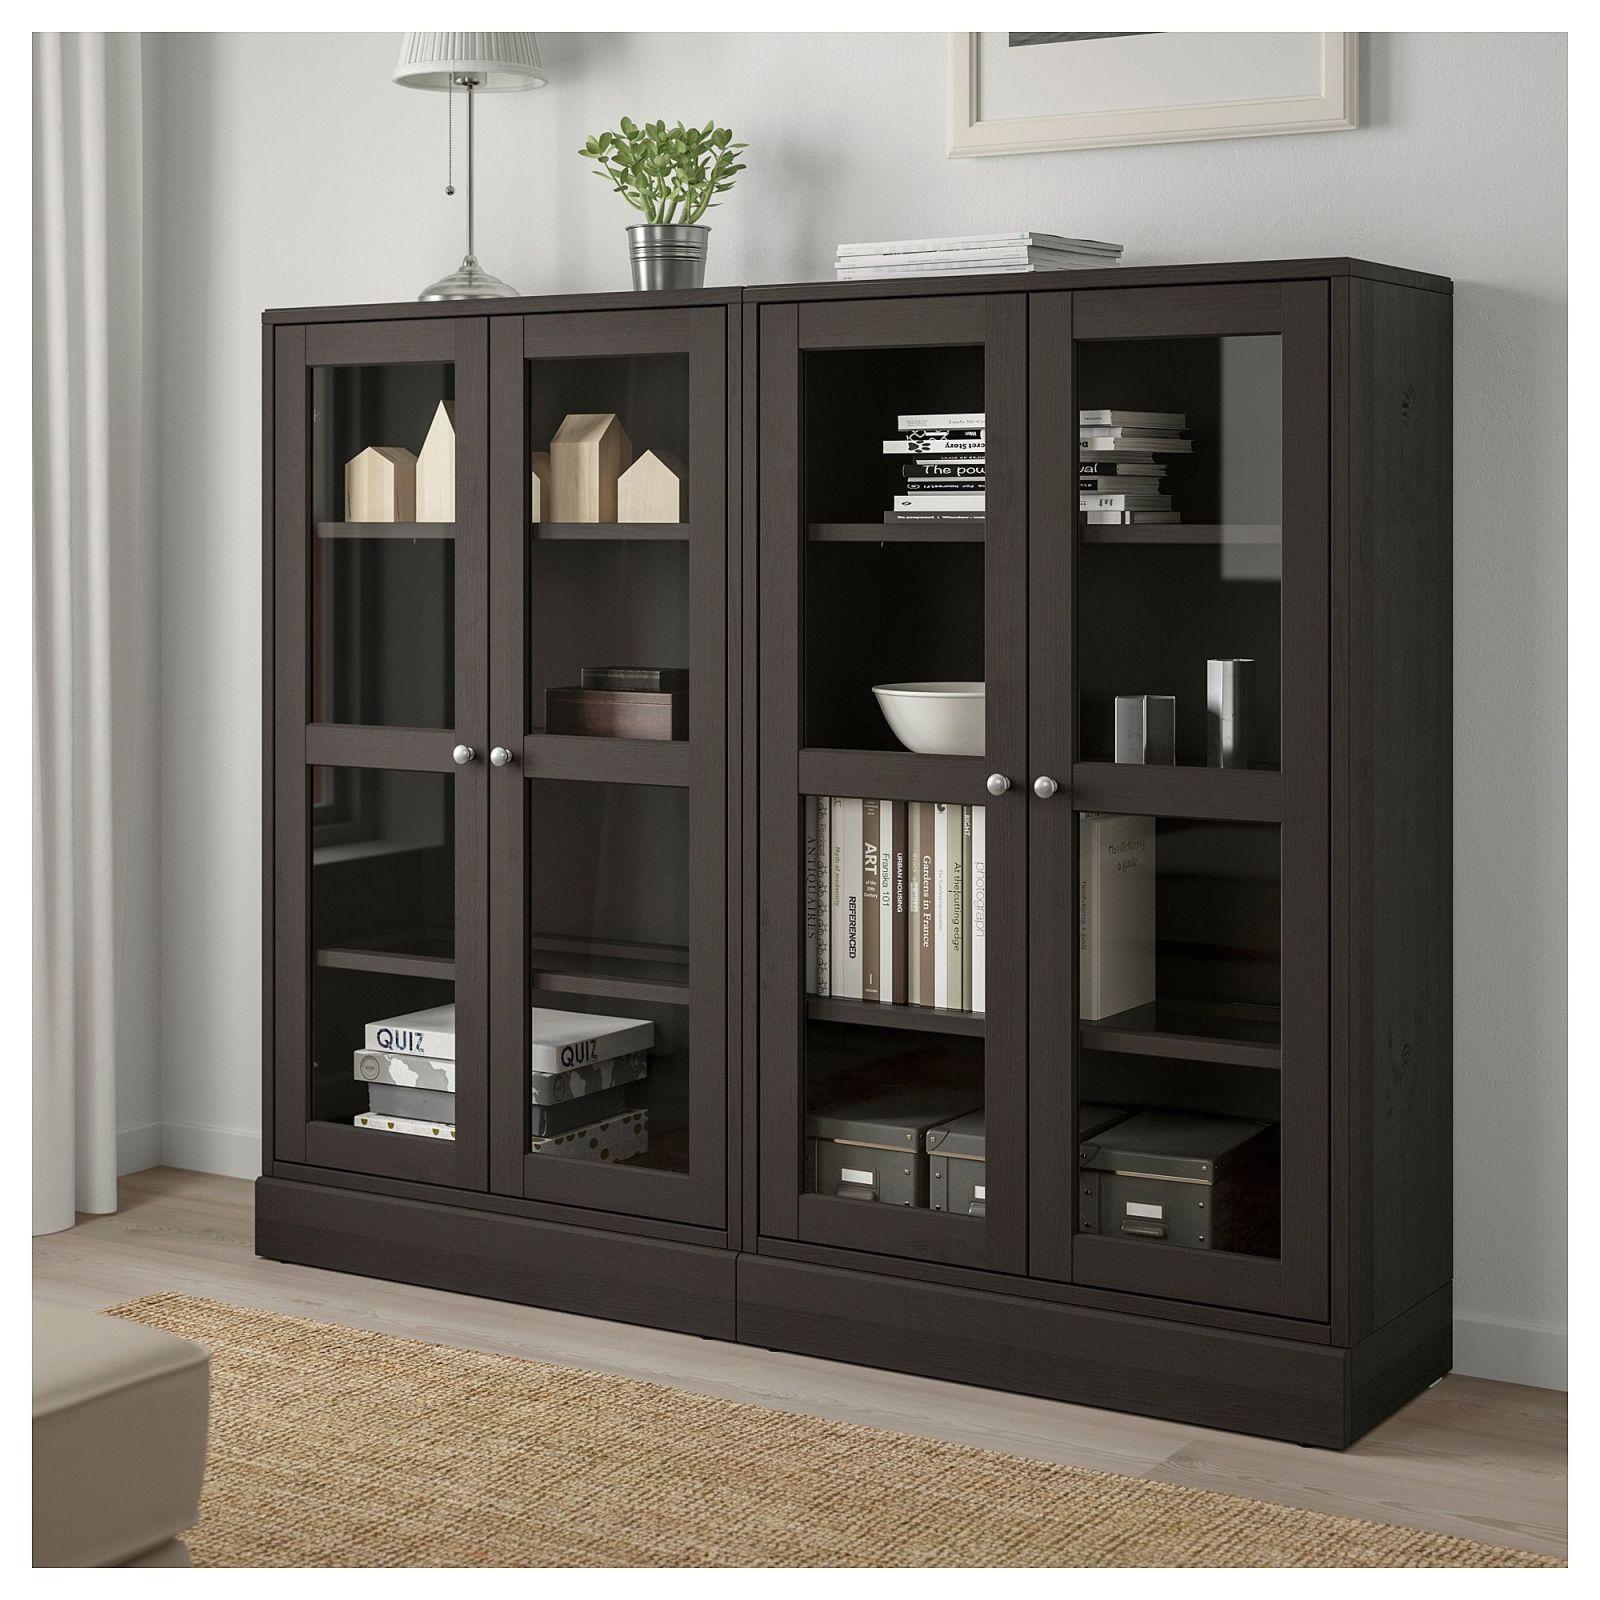 Ikea Havsta Storage Combination W Glass Doors Dark Brown